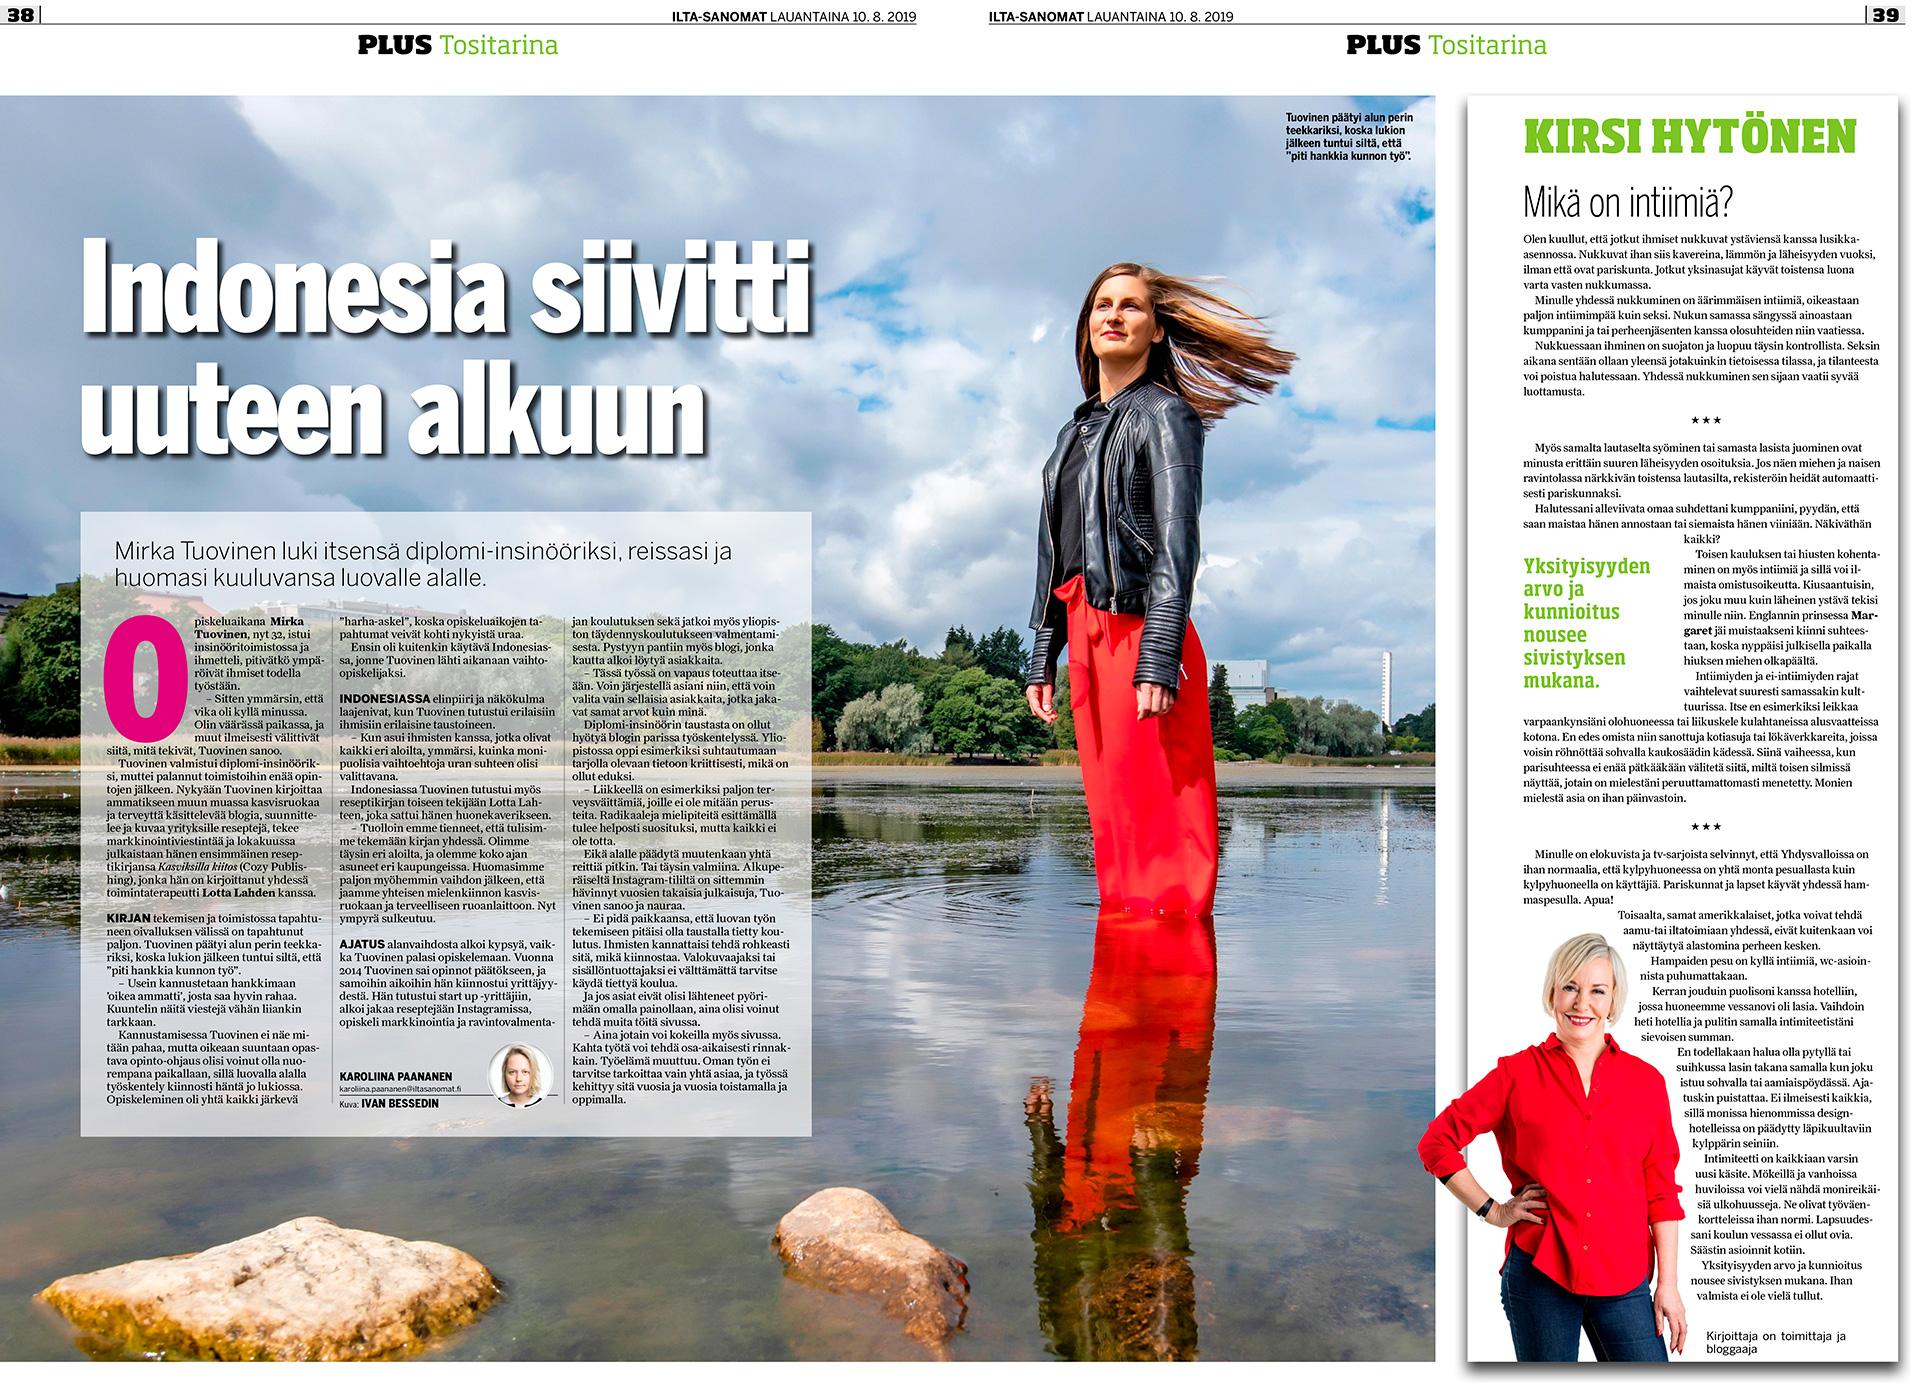 Mirka Tuovinen, suomalainen tietokirjailija sekä terveys- ruoka-alan vaikuttaja, health blogger,